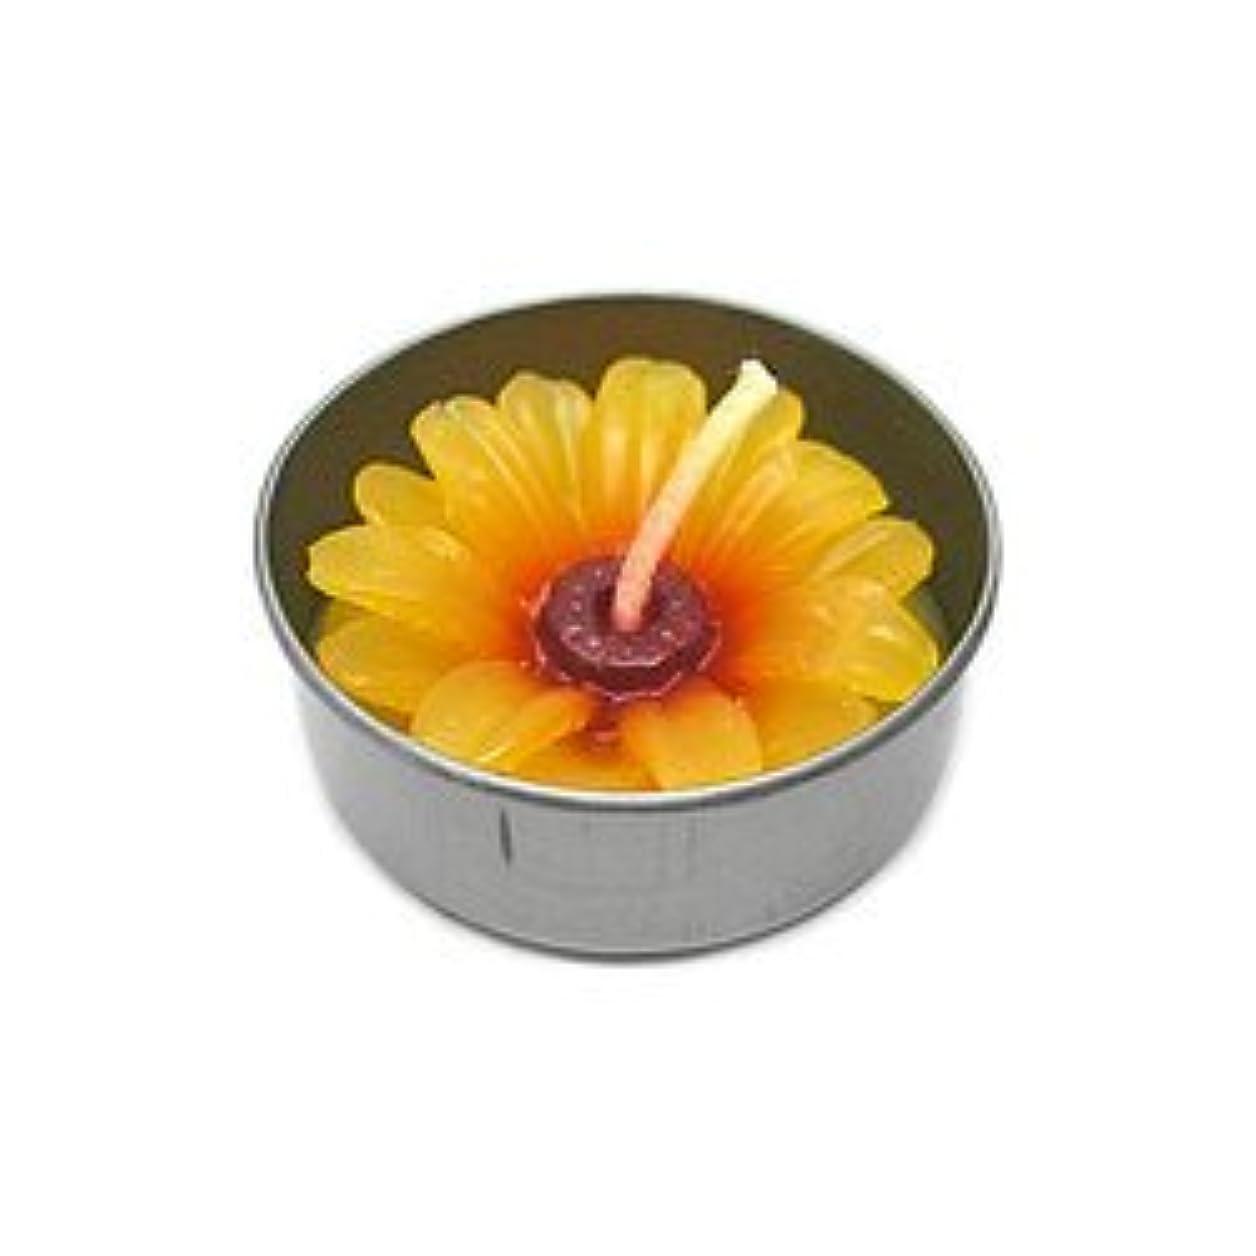 大混乱それからみなさんアロマキャンドル  ミニ お花 薄オレンジ 鉄の器入り 器直径4cm アジアン雑貨